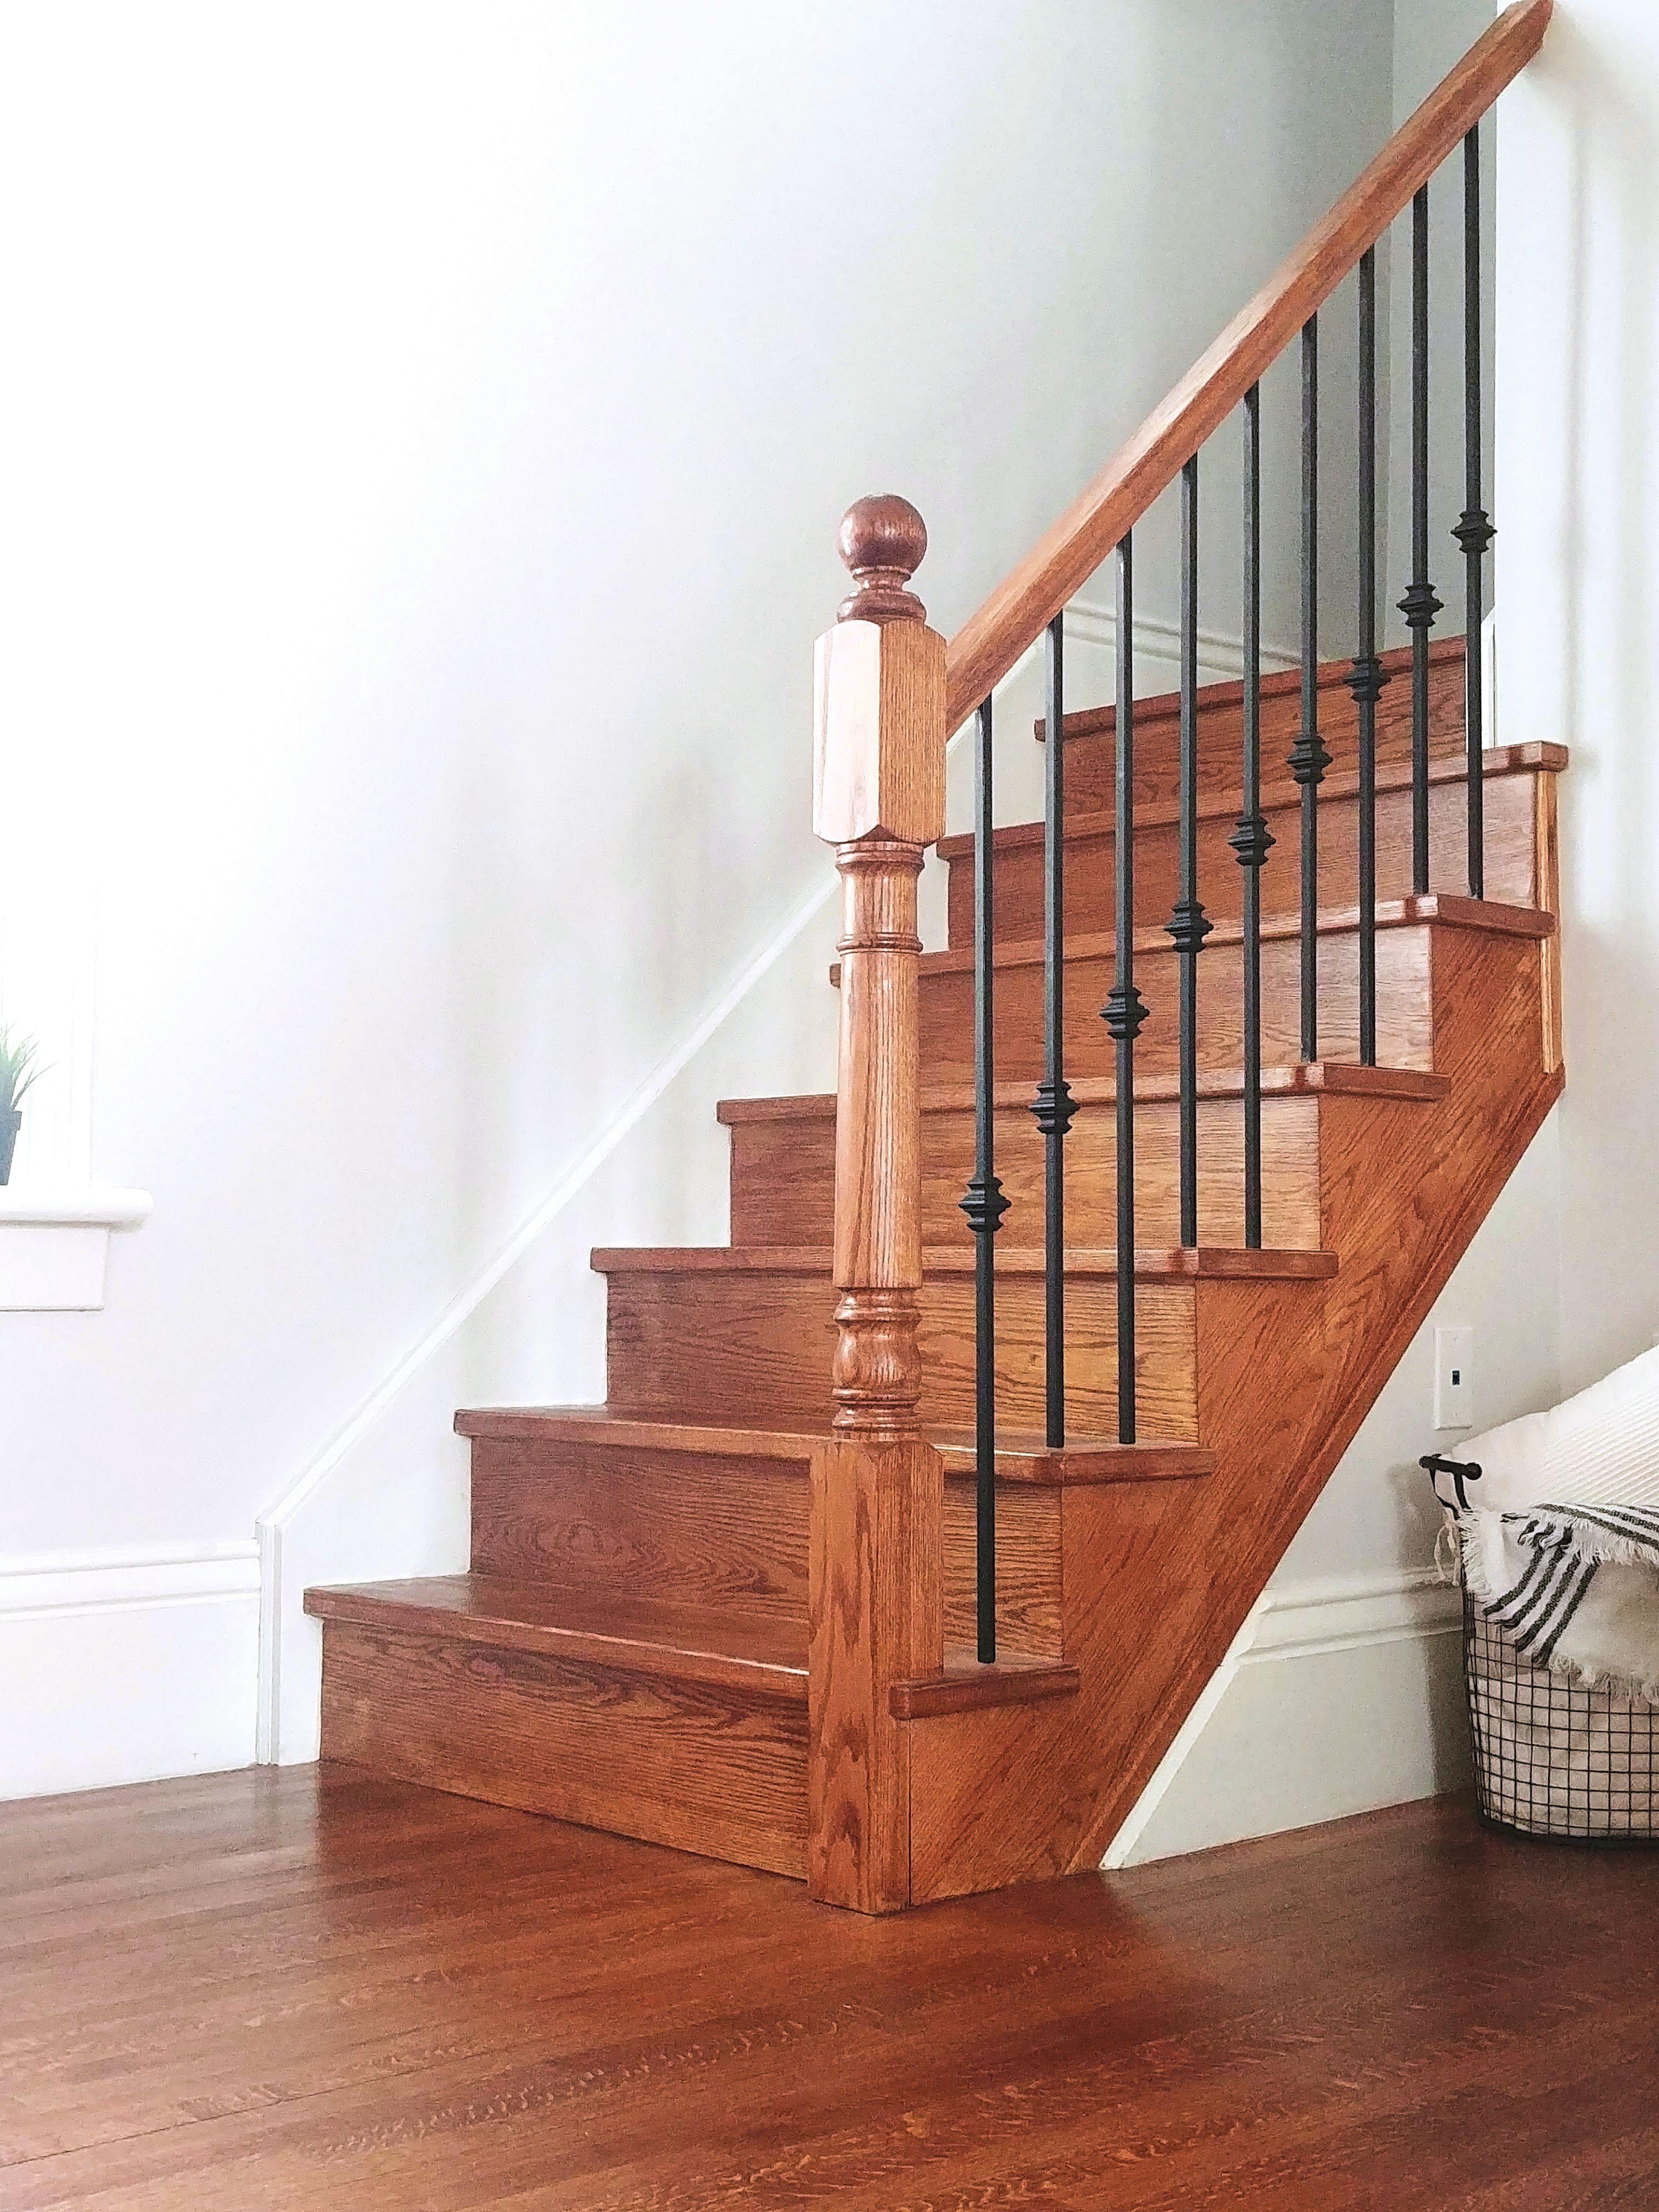 Best Simple Steps For Refinishing Hardwood Floors Refinishing 640 x 480